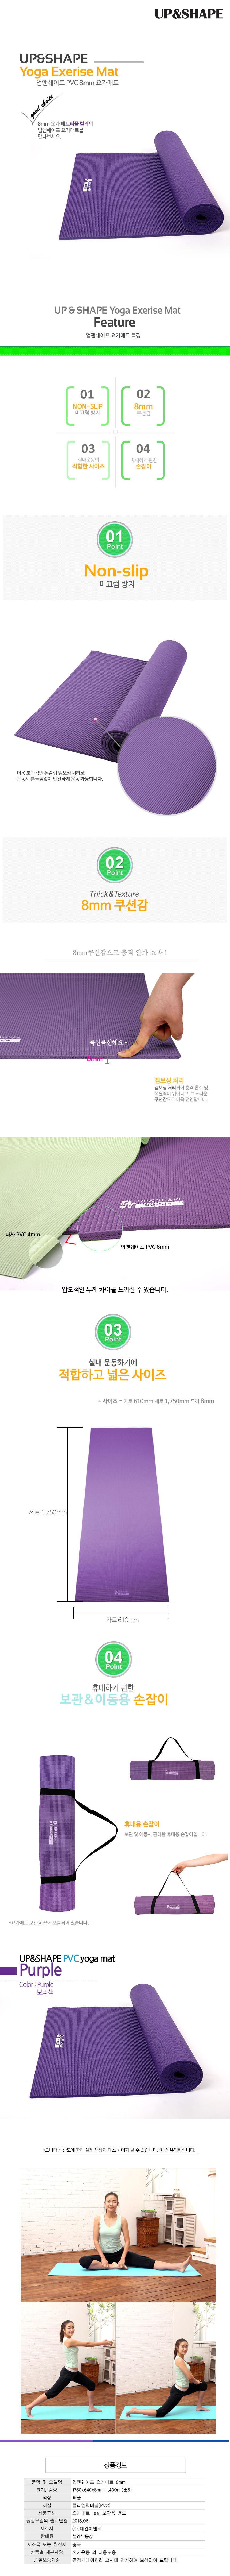 UPMT-10208PL.jpg